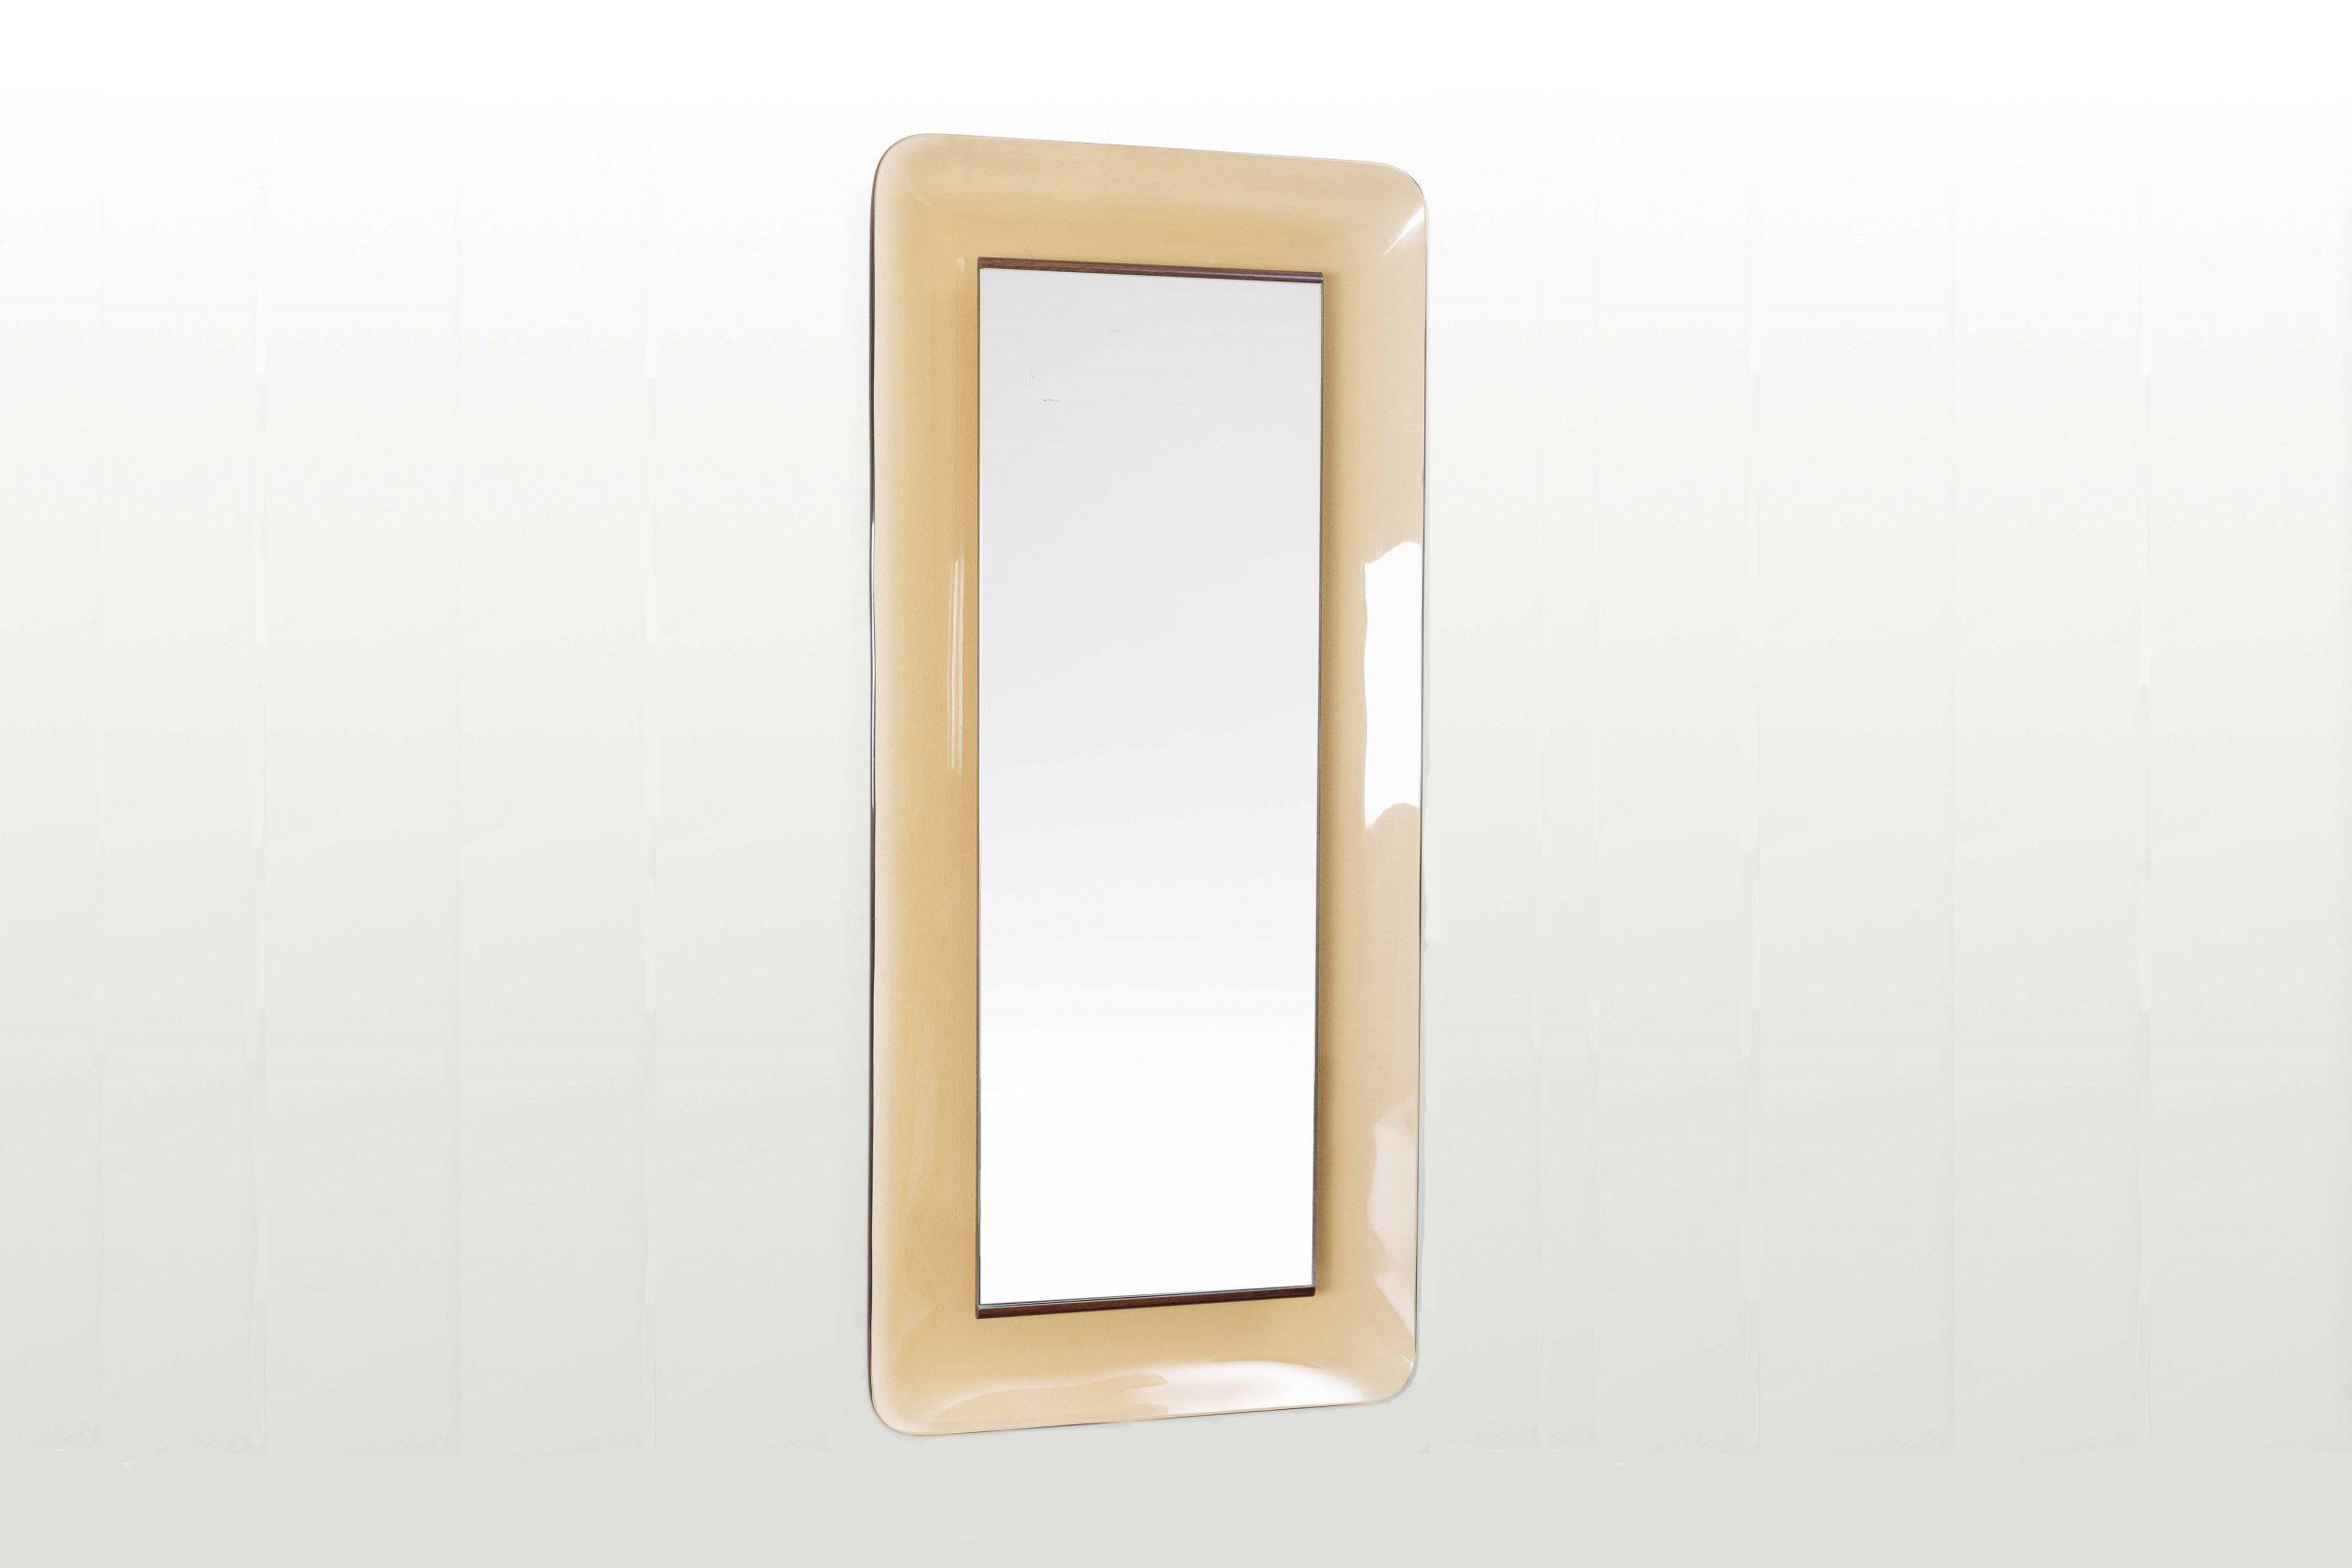 Beige mirror model 2273 by Fontana Arte